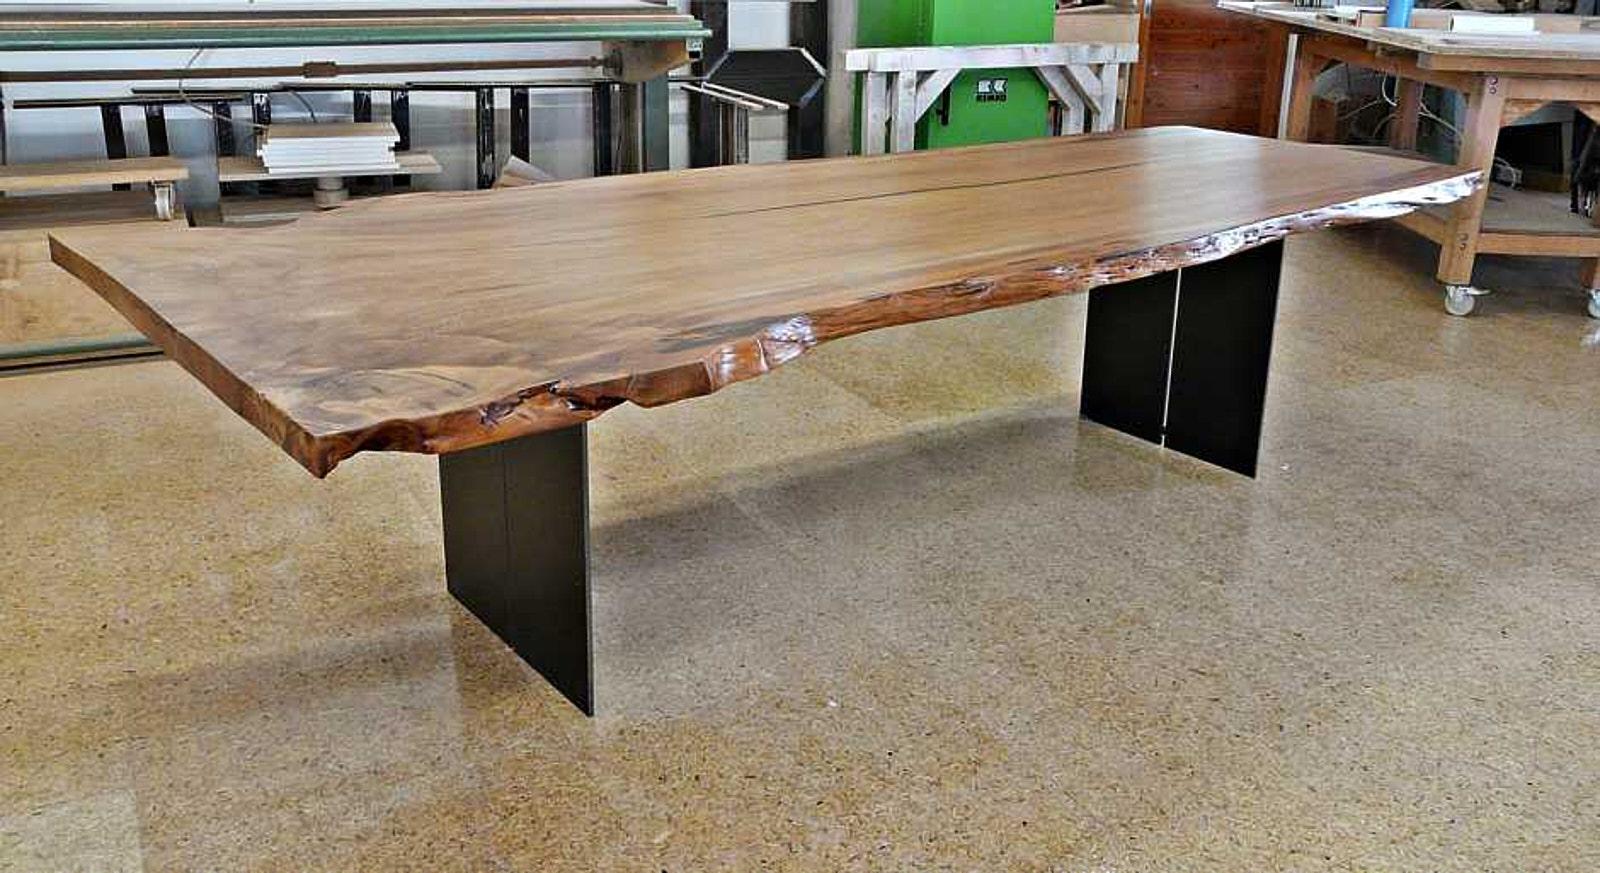 Massiver Holztisch aus großer Baumscheibe als exklusives Unikat und einzigartiges Möbels